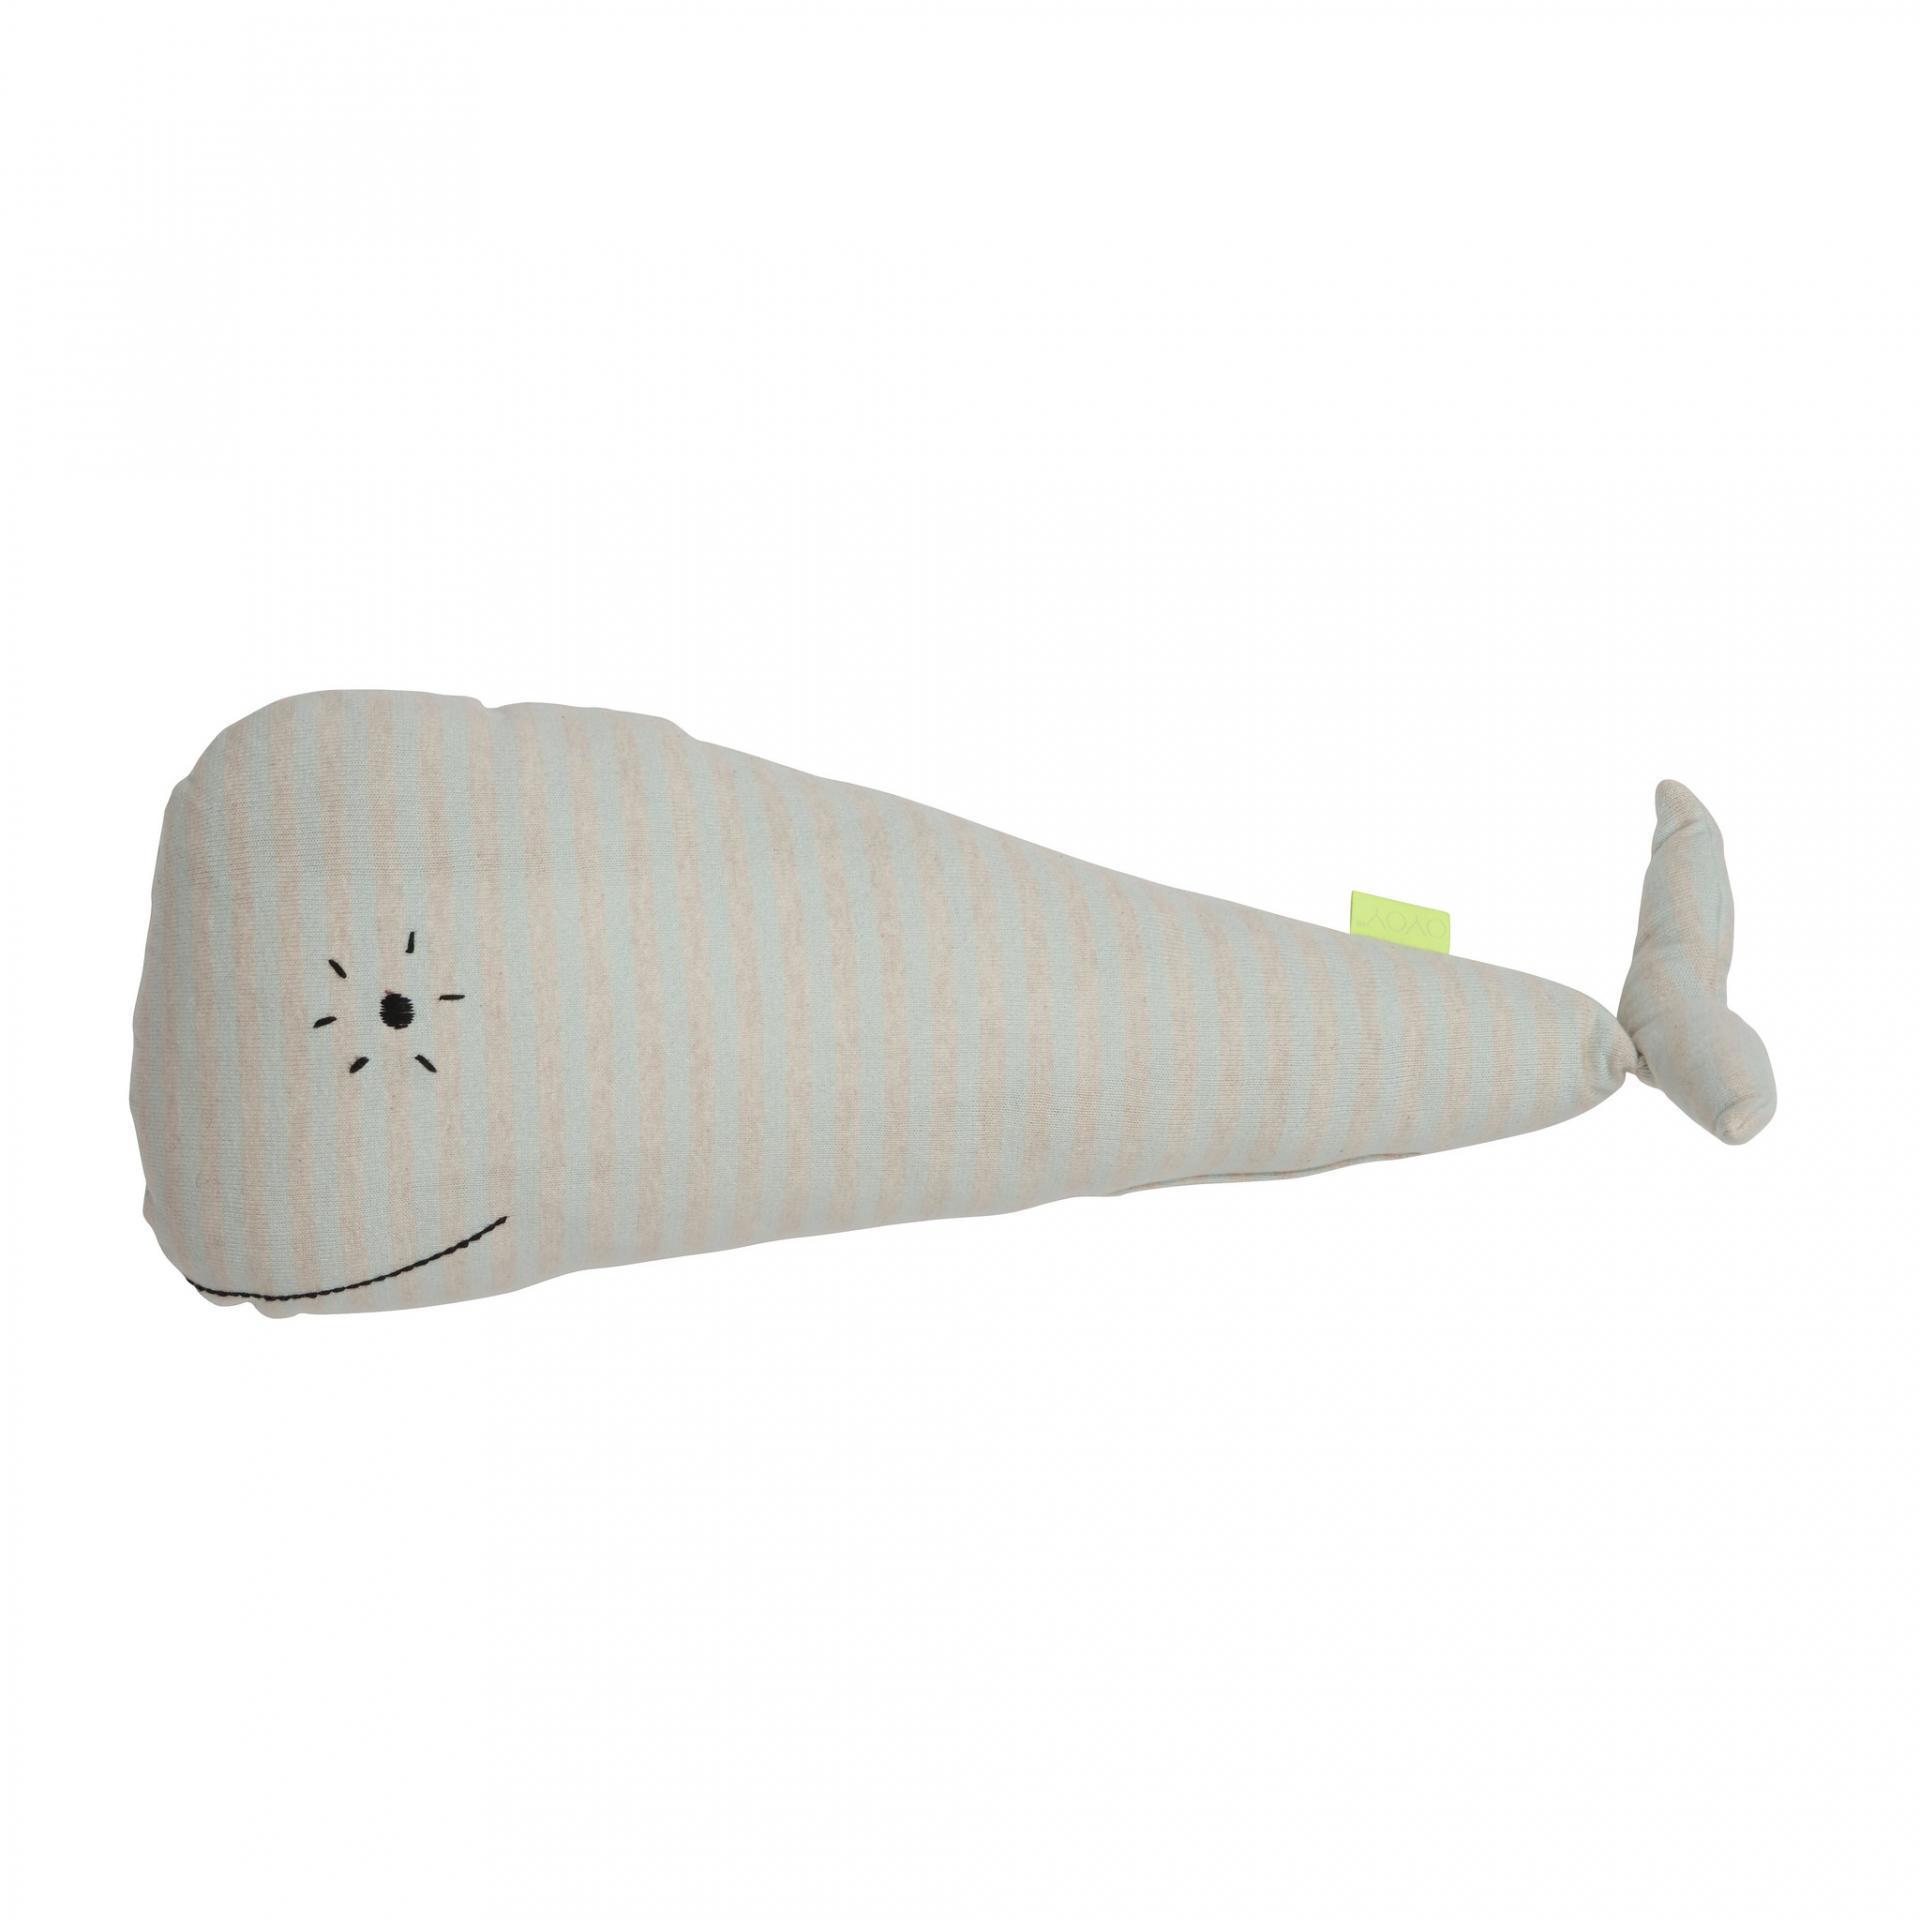 OYOY Dětský polštářek/hračka velryba Moby, modrá barva, textil